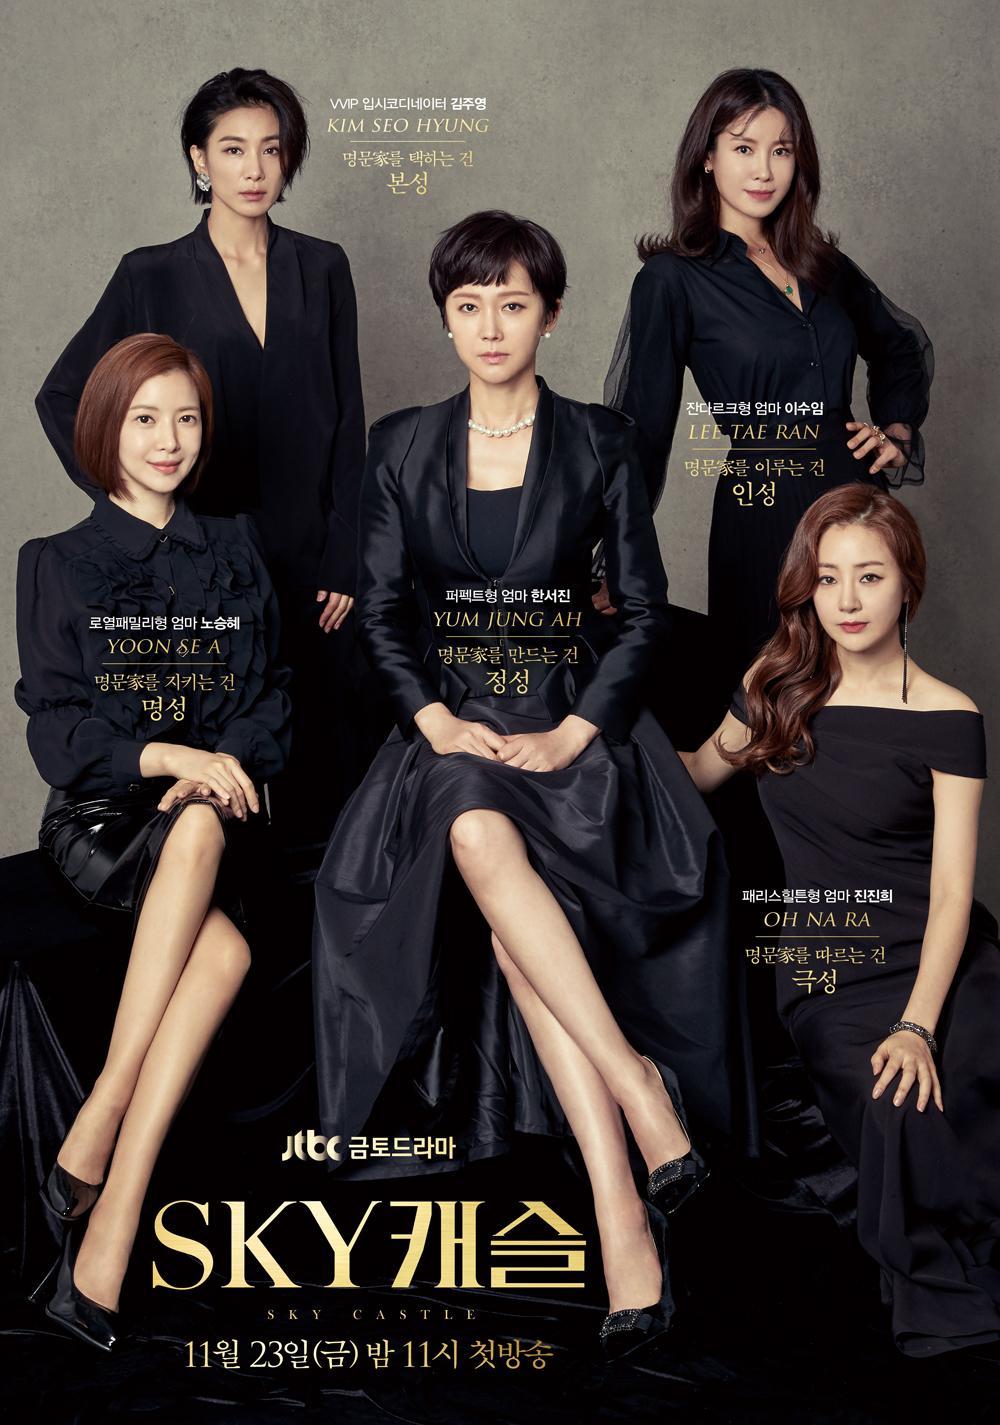 打败《男朋友》及《阿尔罕布拉宫的回忆》拿下收视冠军,整个韩国都在讨论的是这部剧!插图8